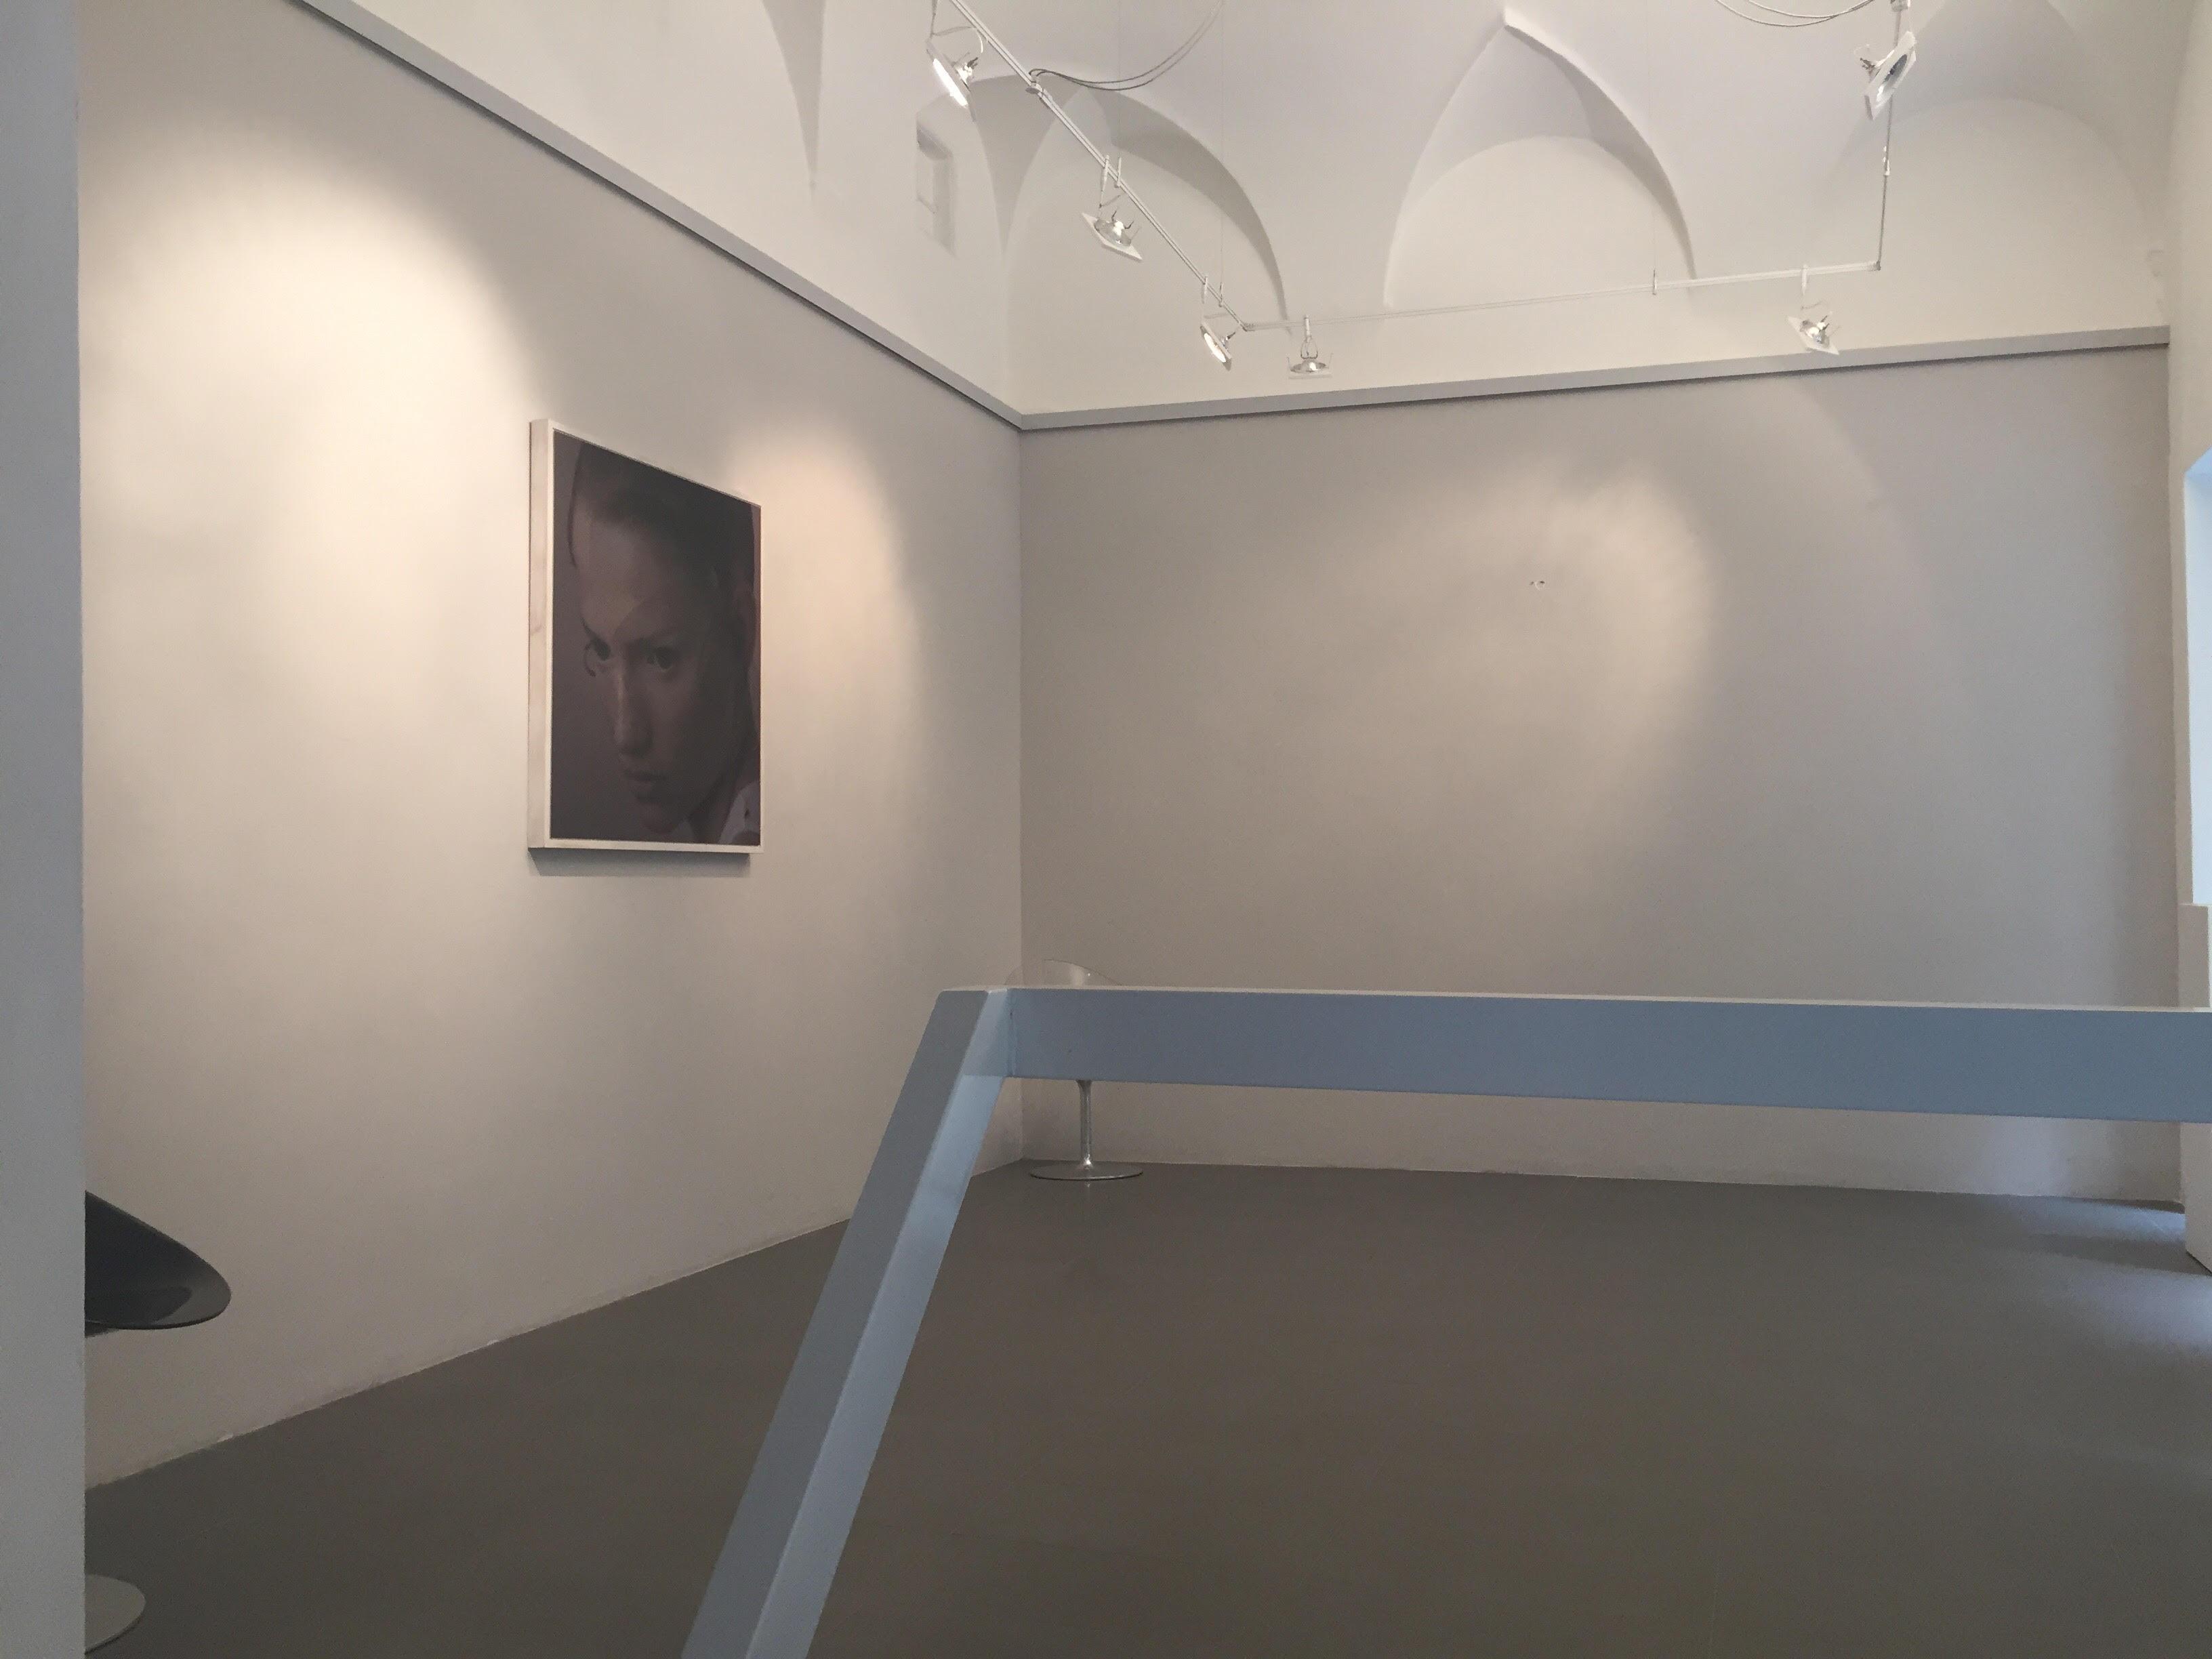 Guidi & Schoen, la nuova sede a Genova